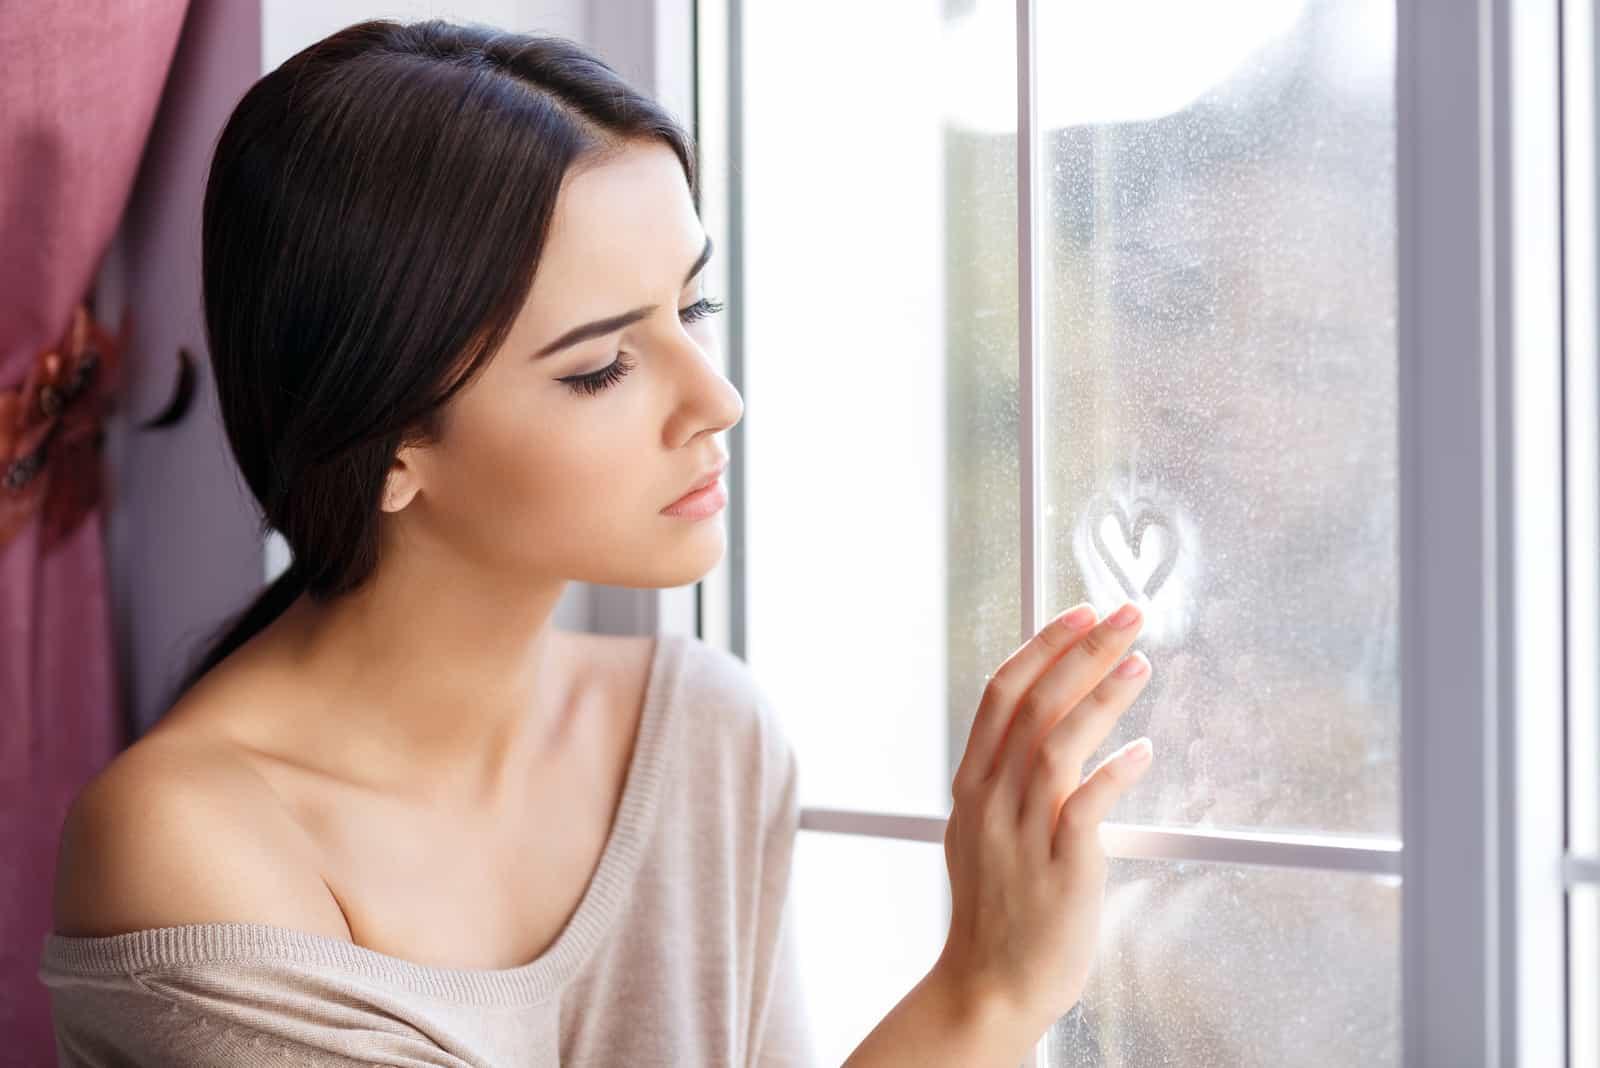 une femme triste dessine un coeur sur la fenêtre